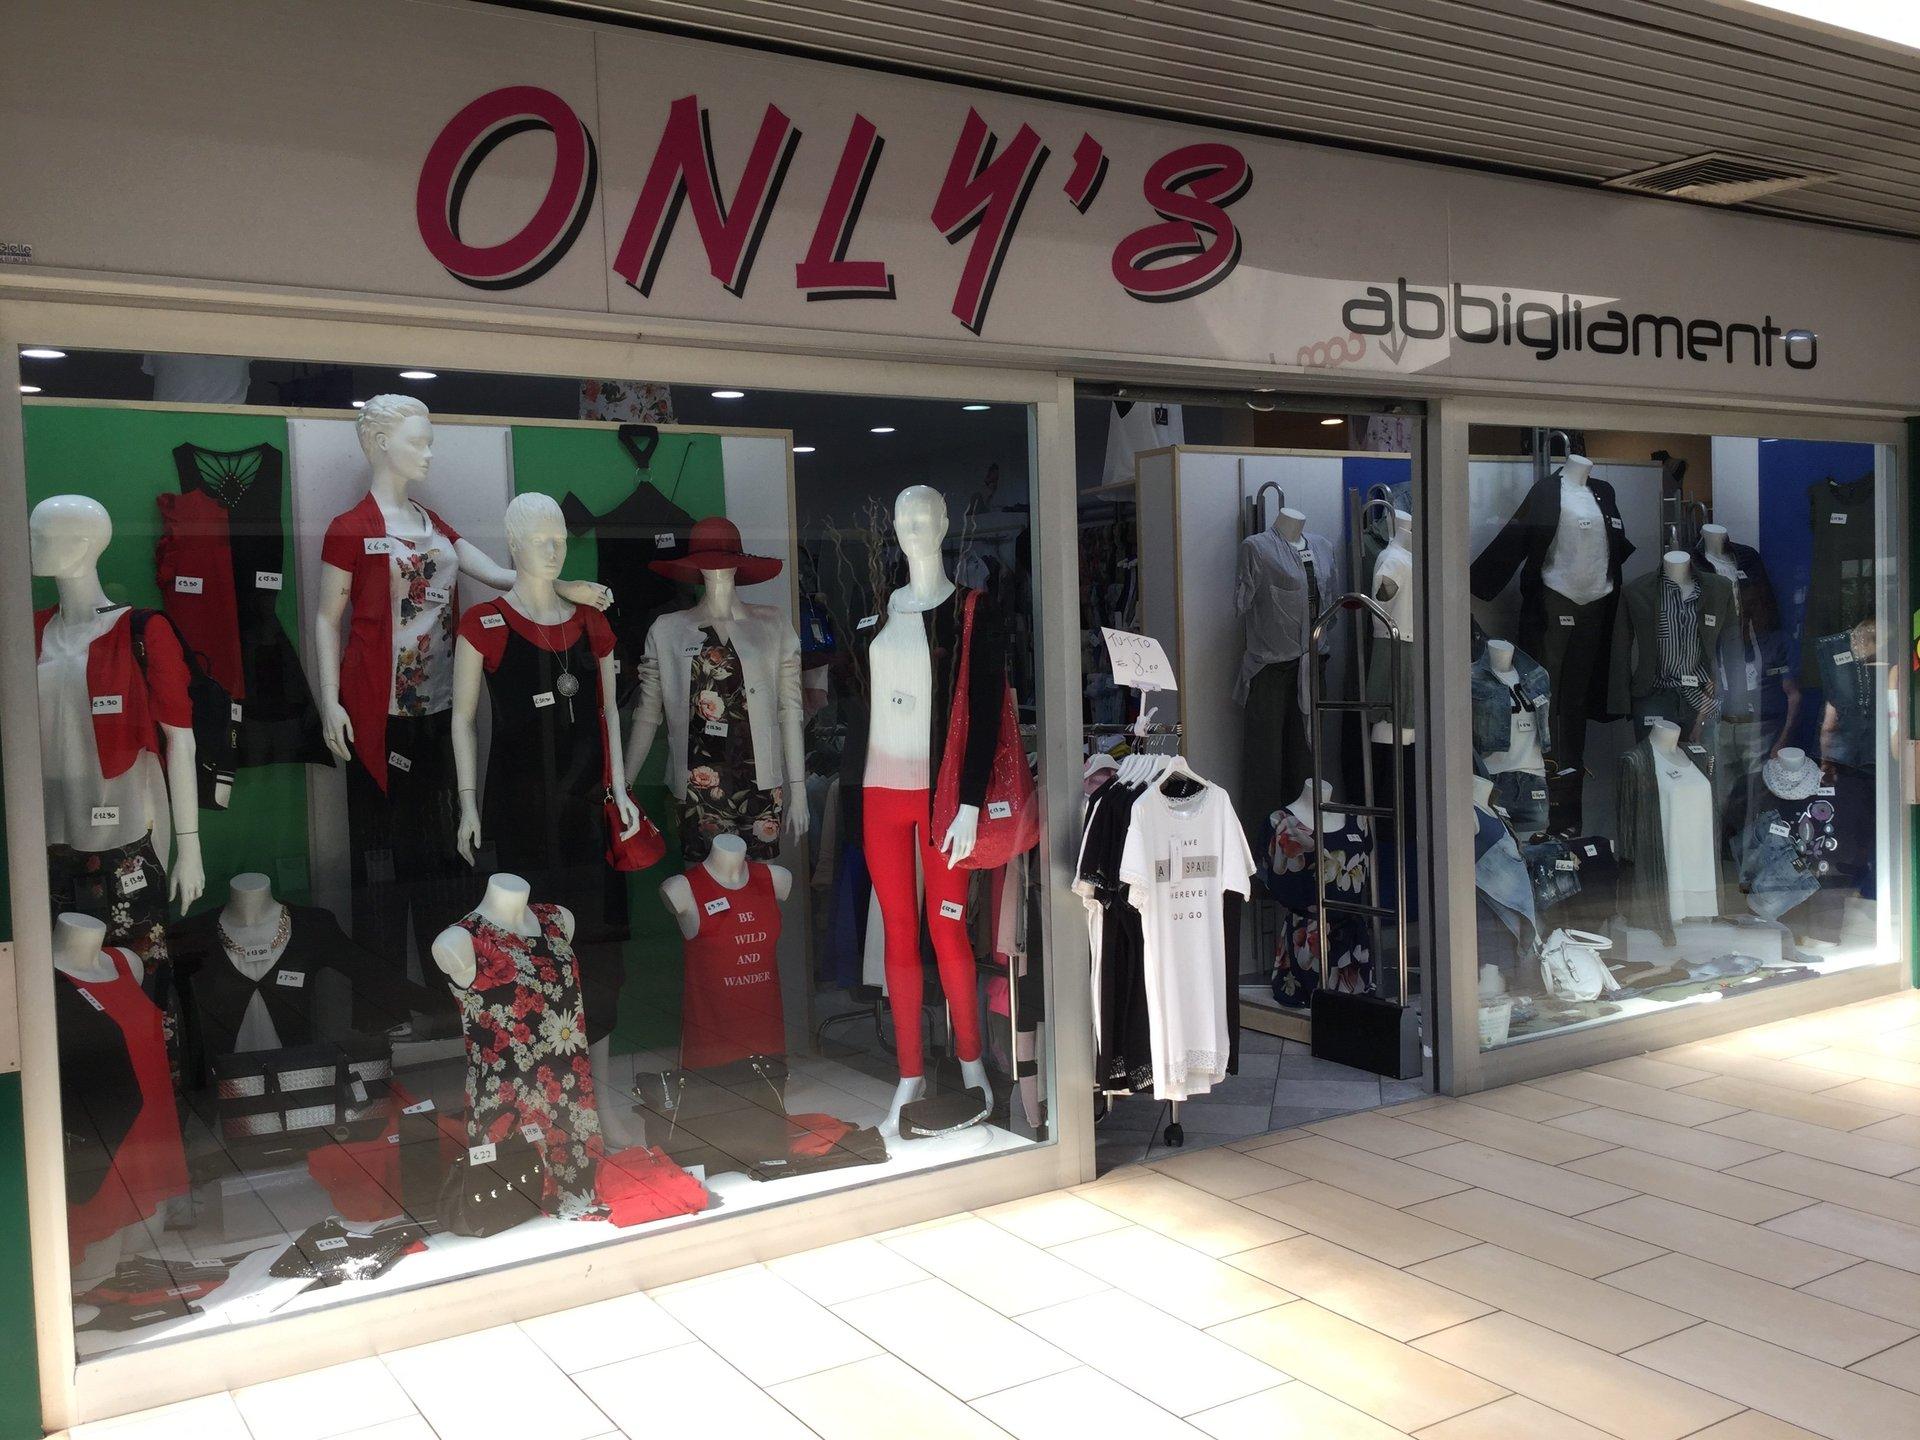 only's abbigliamento